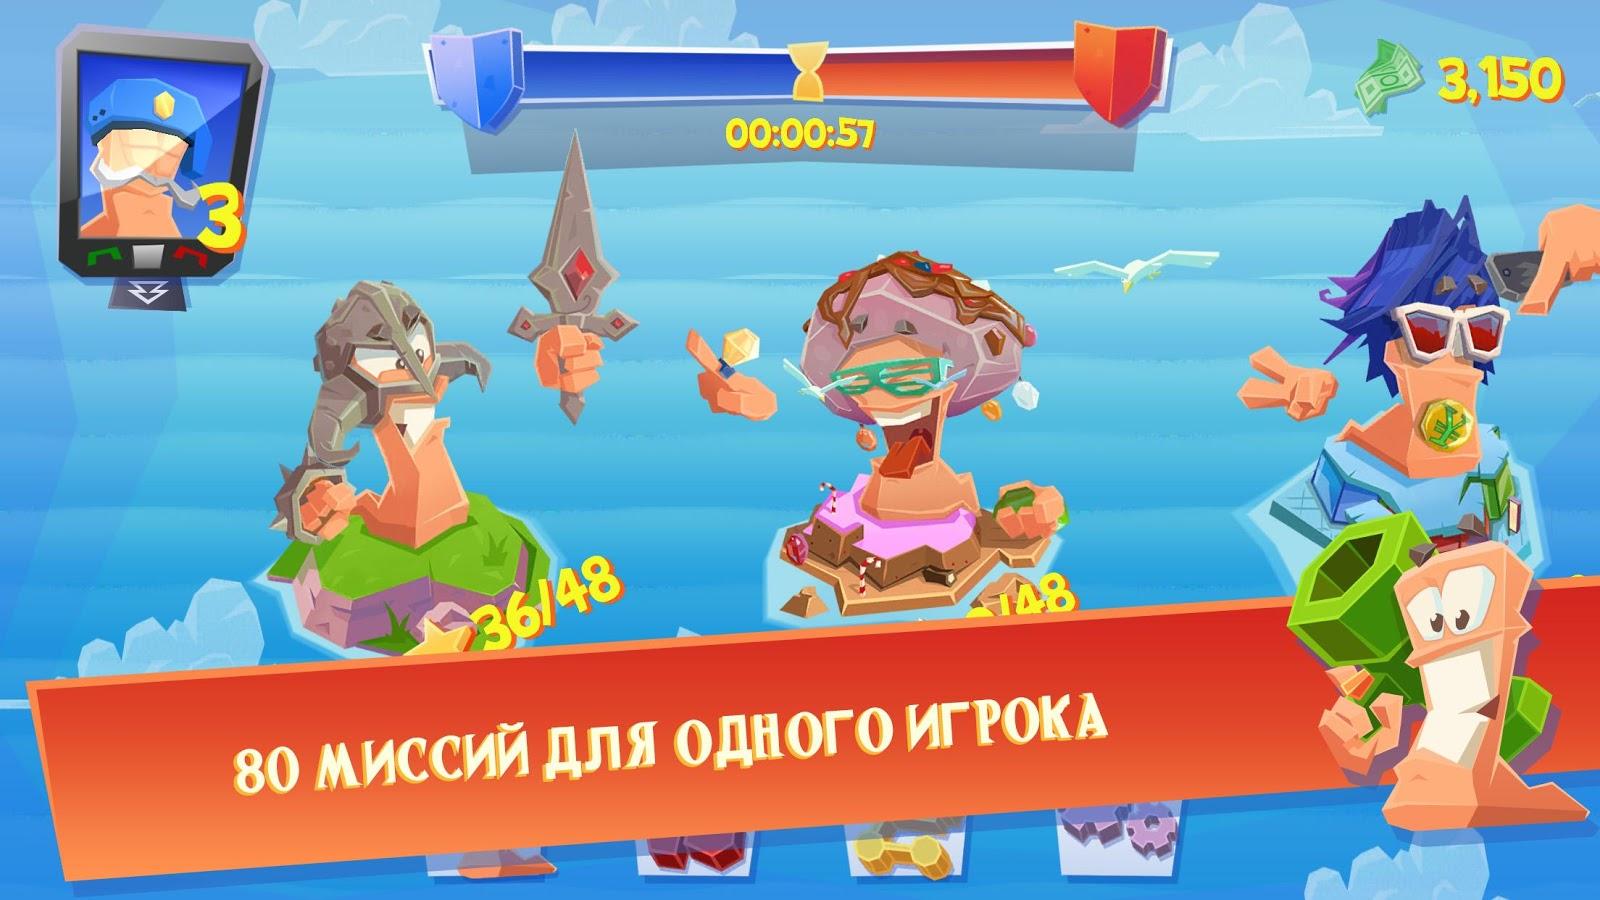 Скачать бесплатно игру worms на андроид телефон